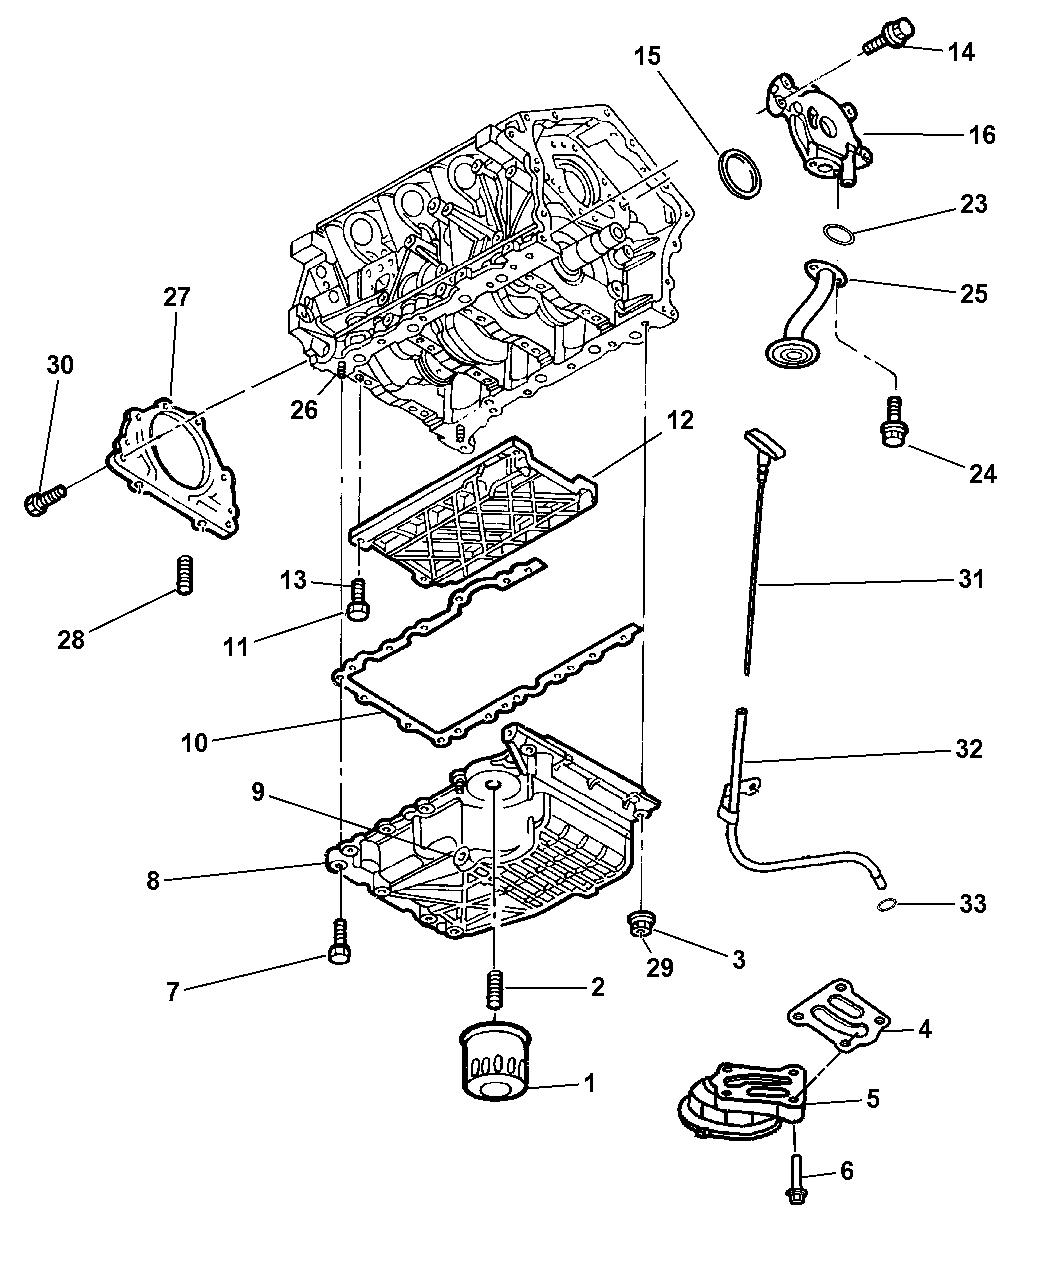 2006 dodge charger engine oiling mopar parts giant Dodge Charger Starter Diagram